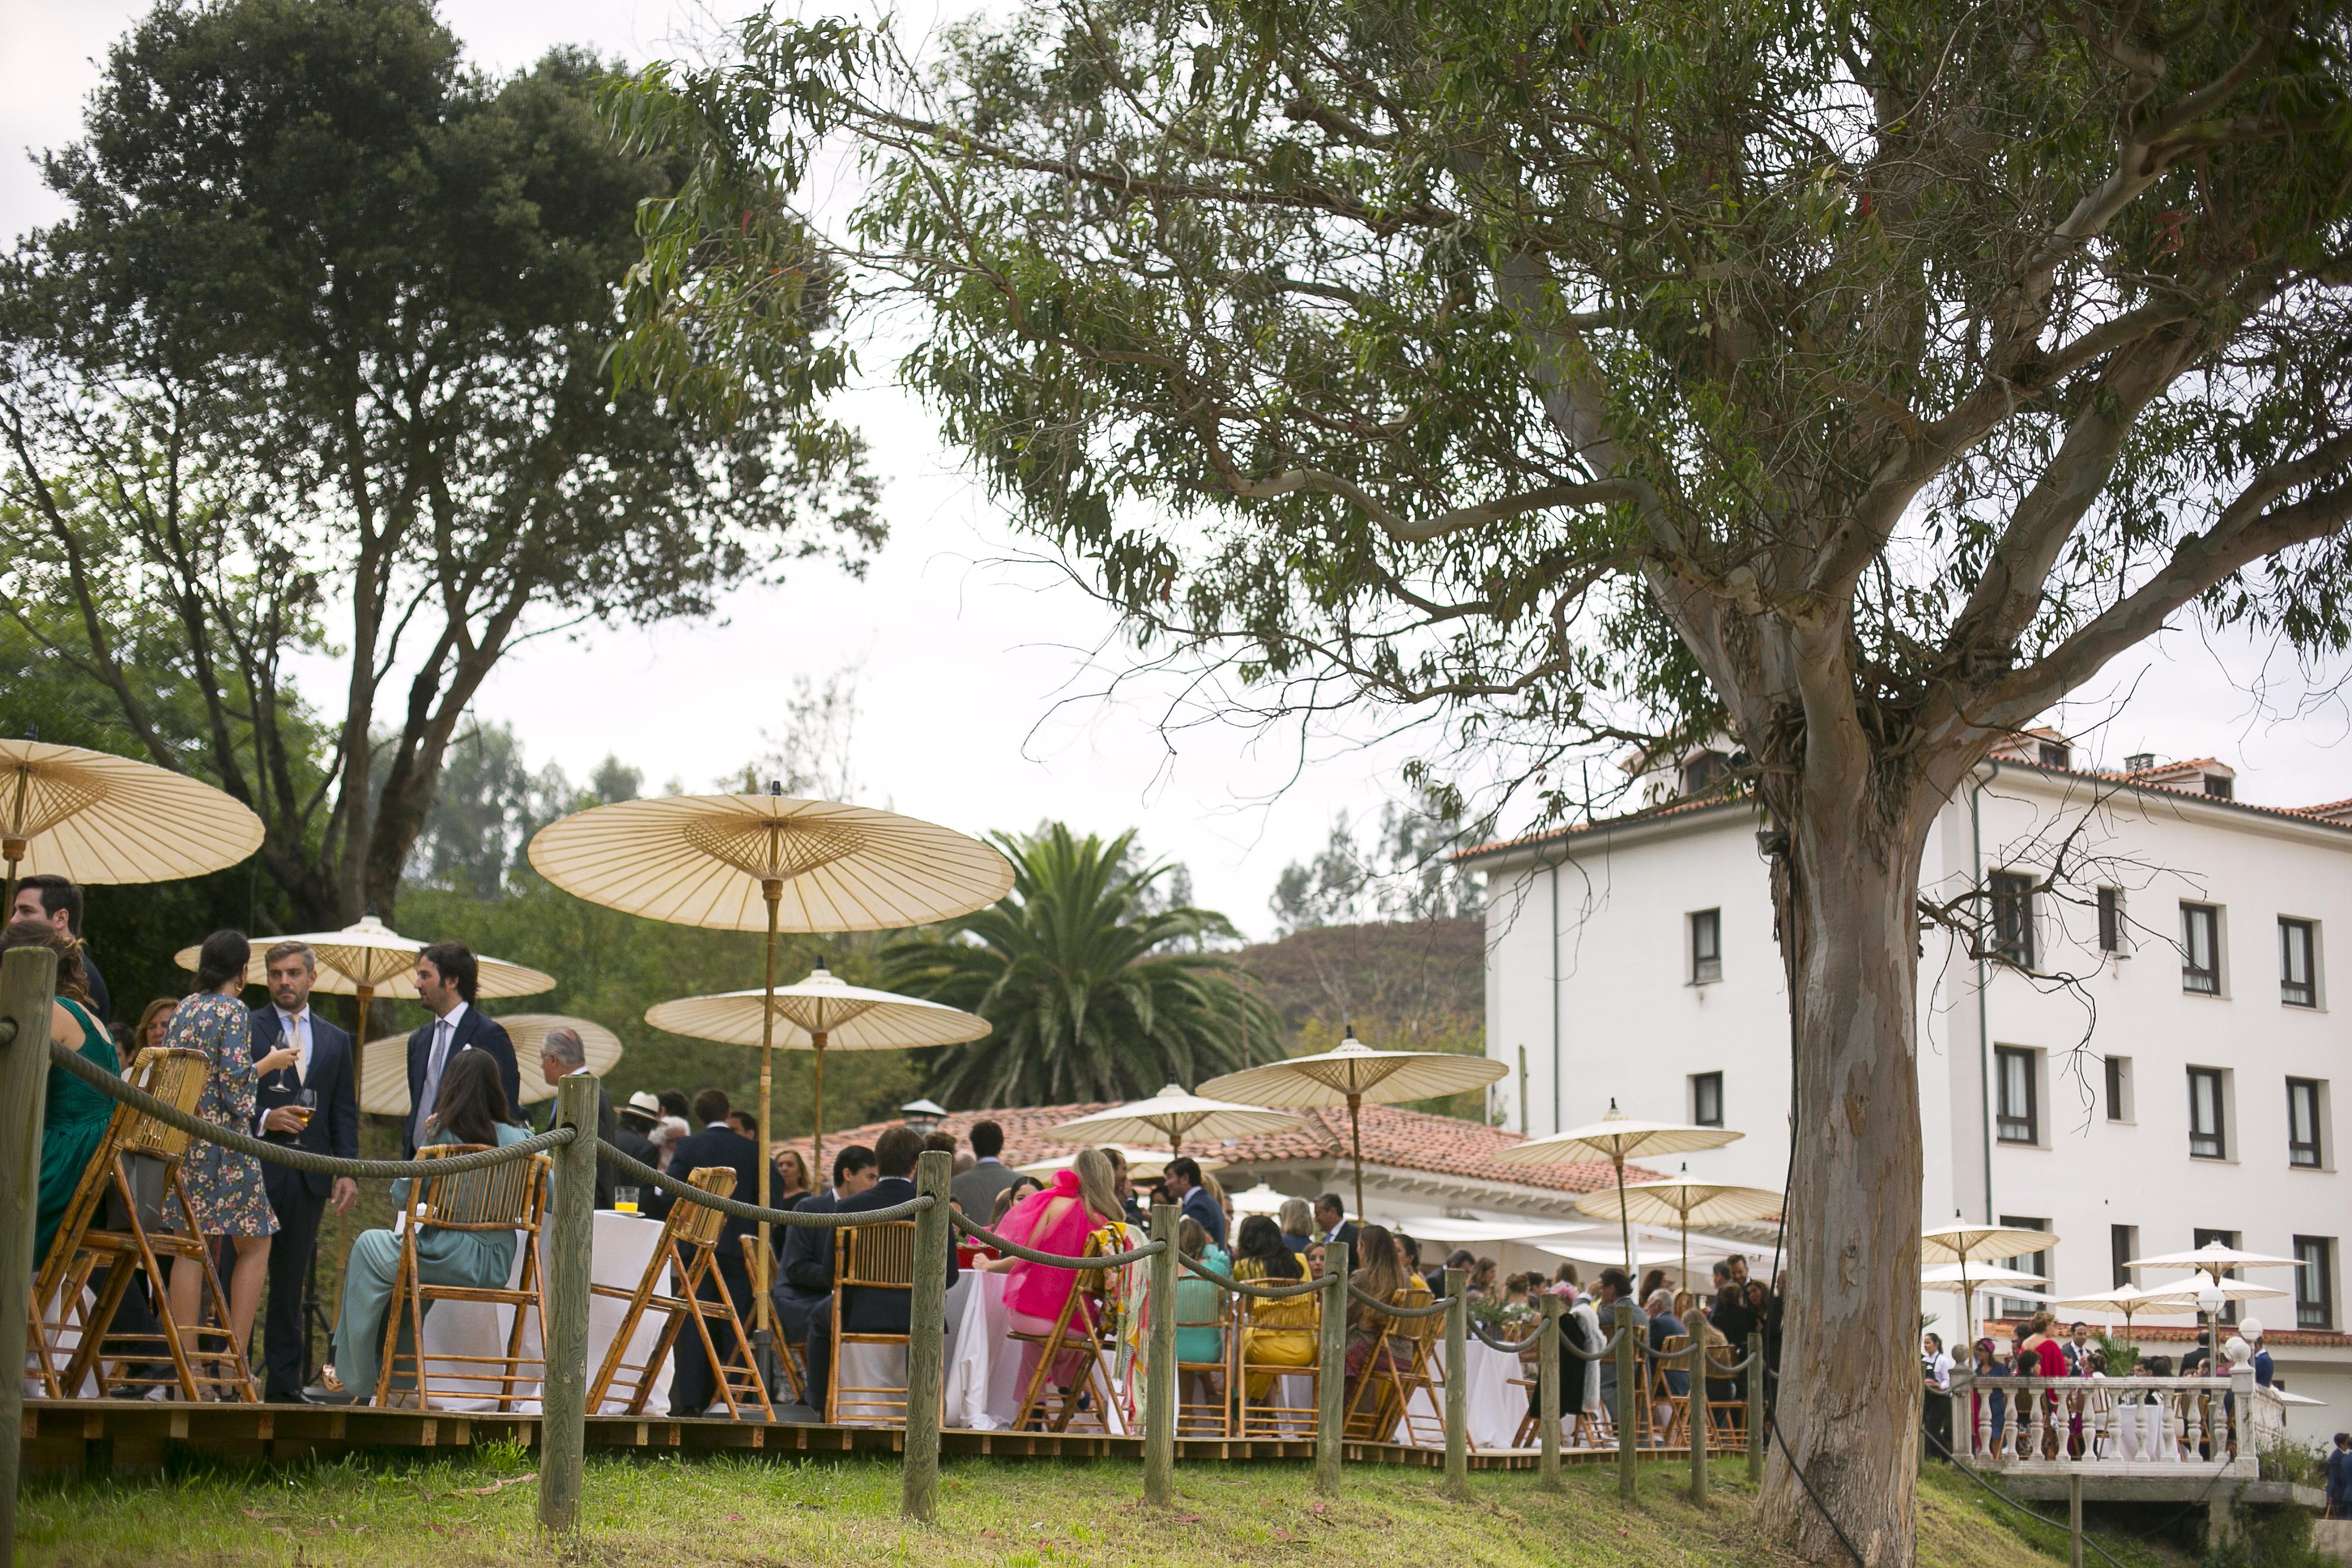 La boda de Candela en Llanes II